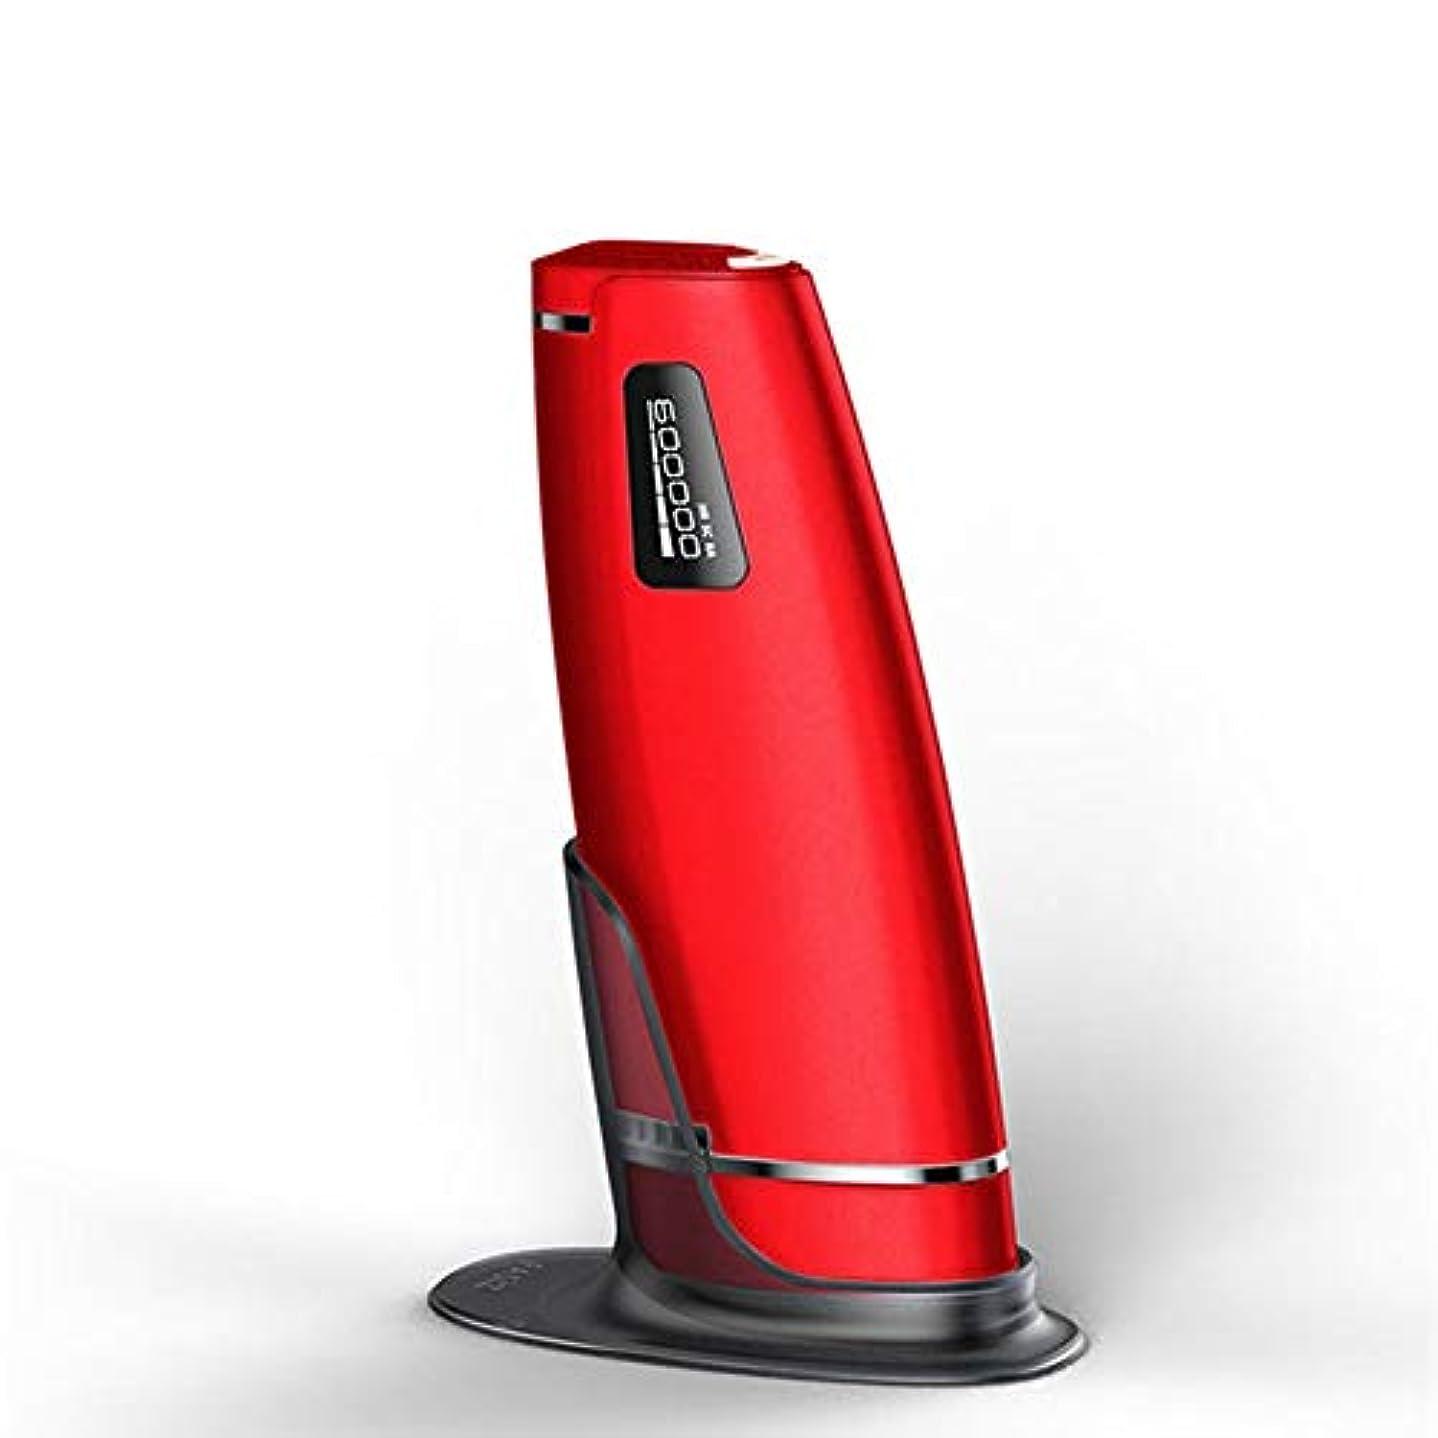 赤、デュアルモード、ホームオートマチック無痛脱毛剤、携帯用永久脱毛剤、5スピード調整、サイズ20.5 X 4.5 X 7 Cm 髪以外はきれい (Color : Red)